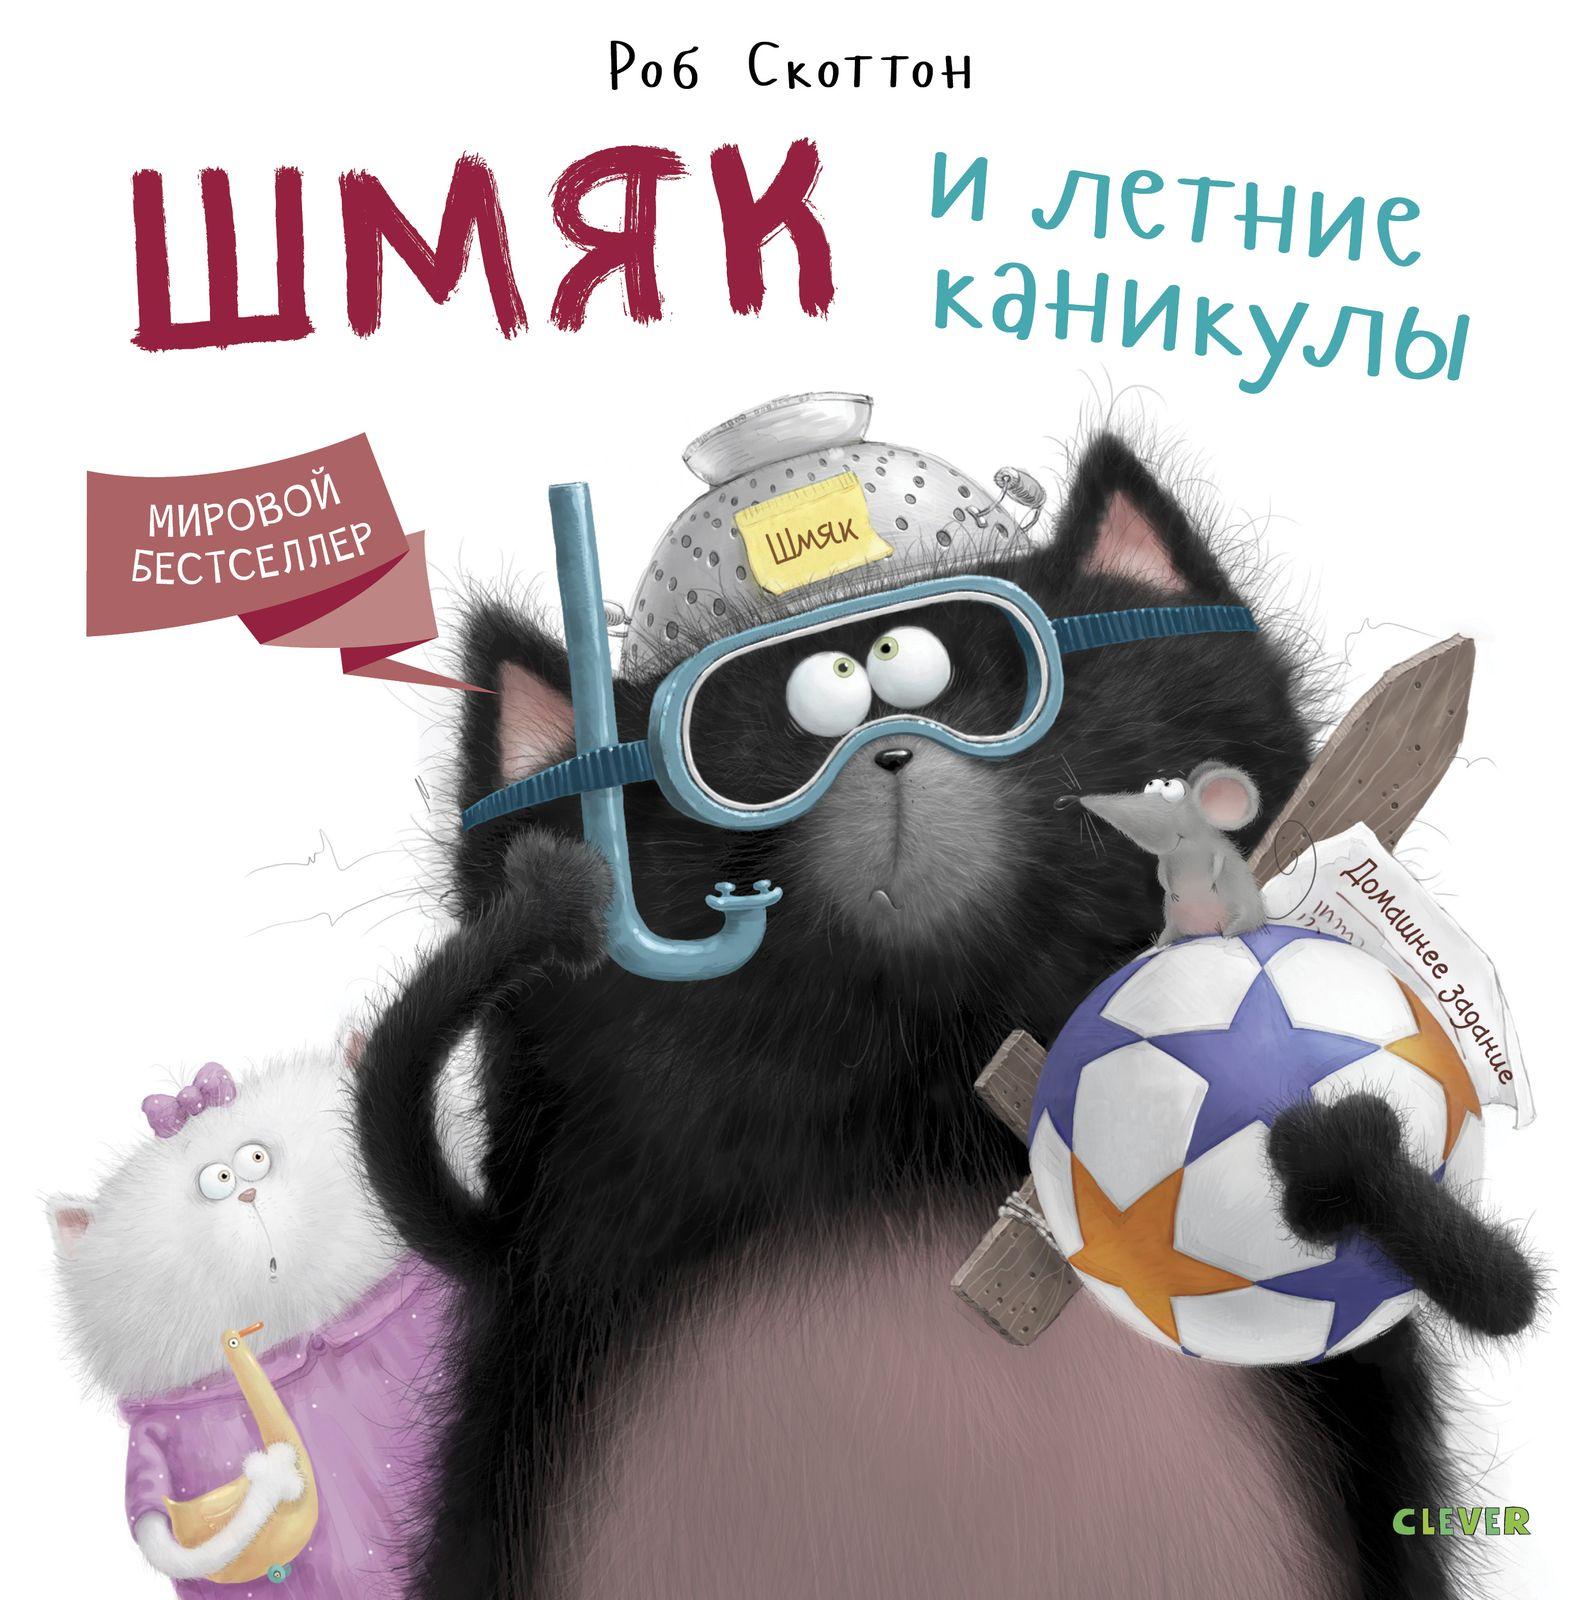 Котенок Шмяк. Шмяк и летние каникулы фото